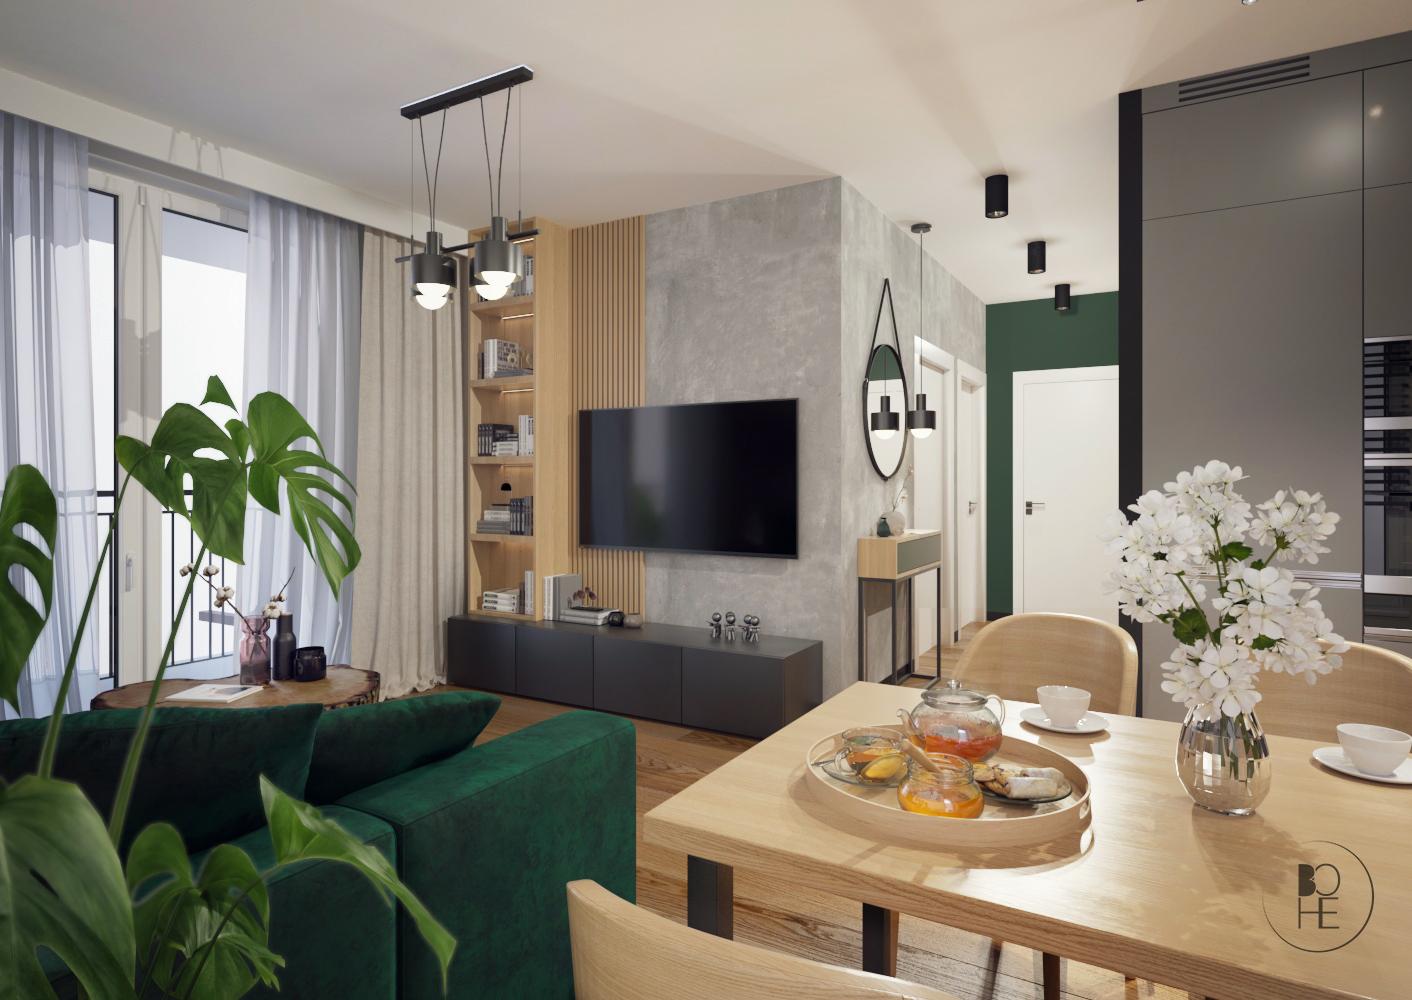 biuro projektowe Łódź projekt salonu z drewnianym stołem